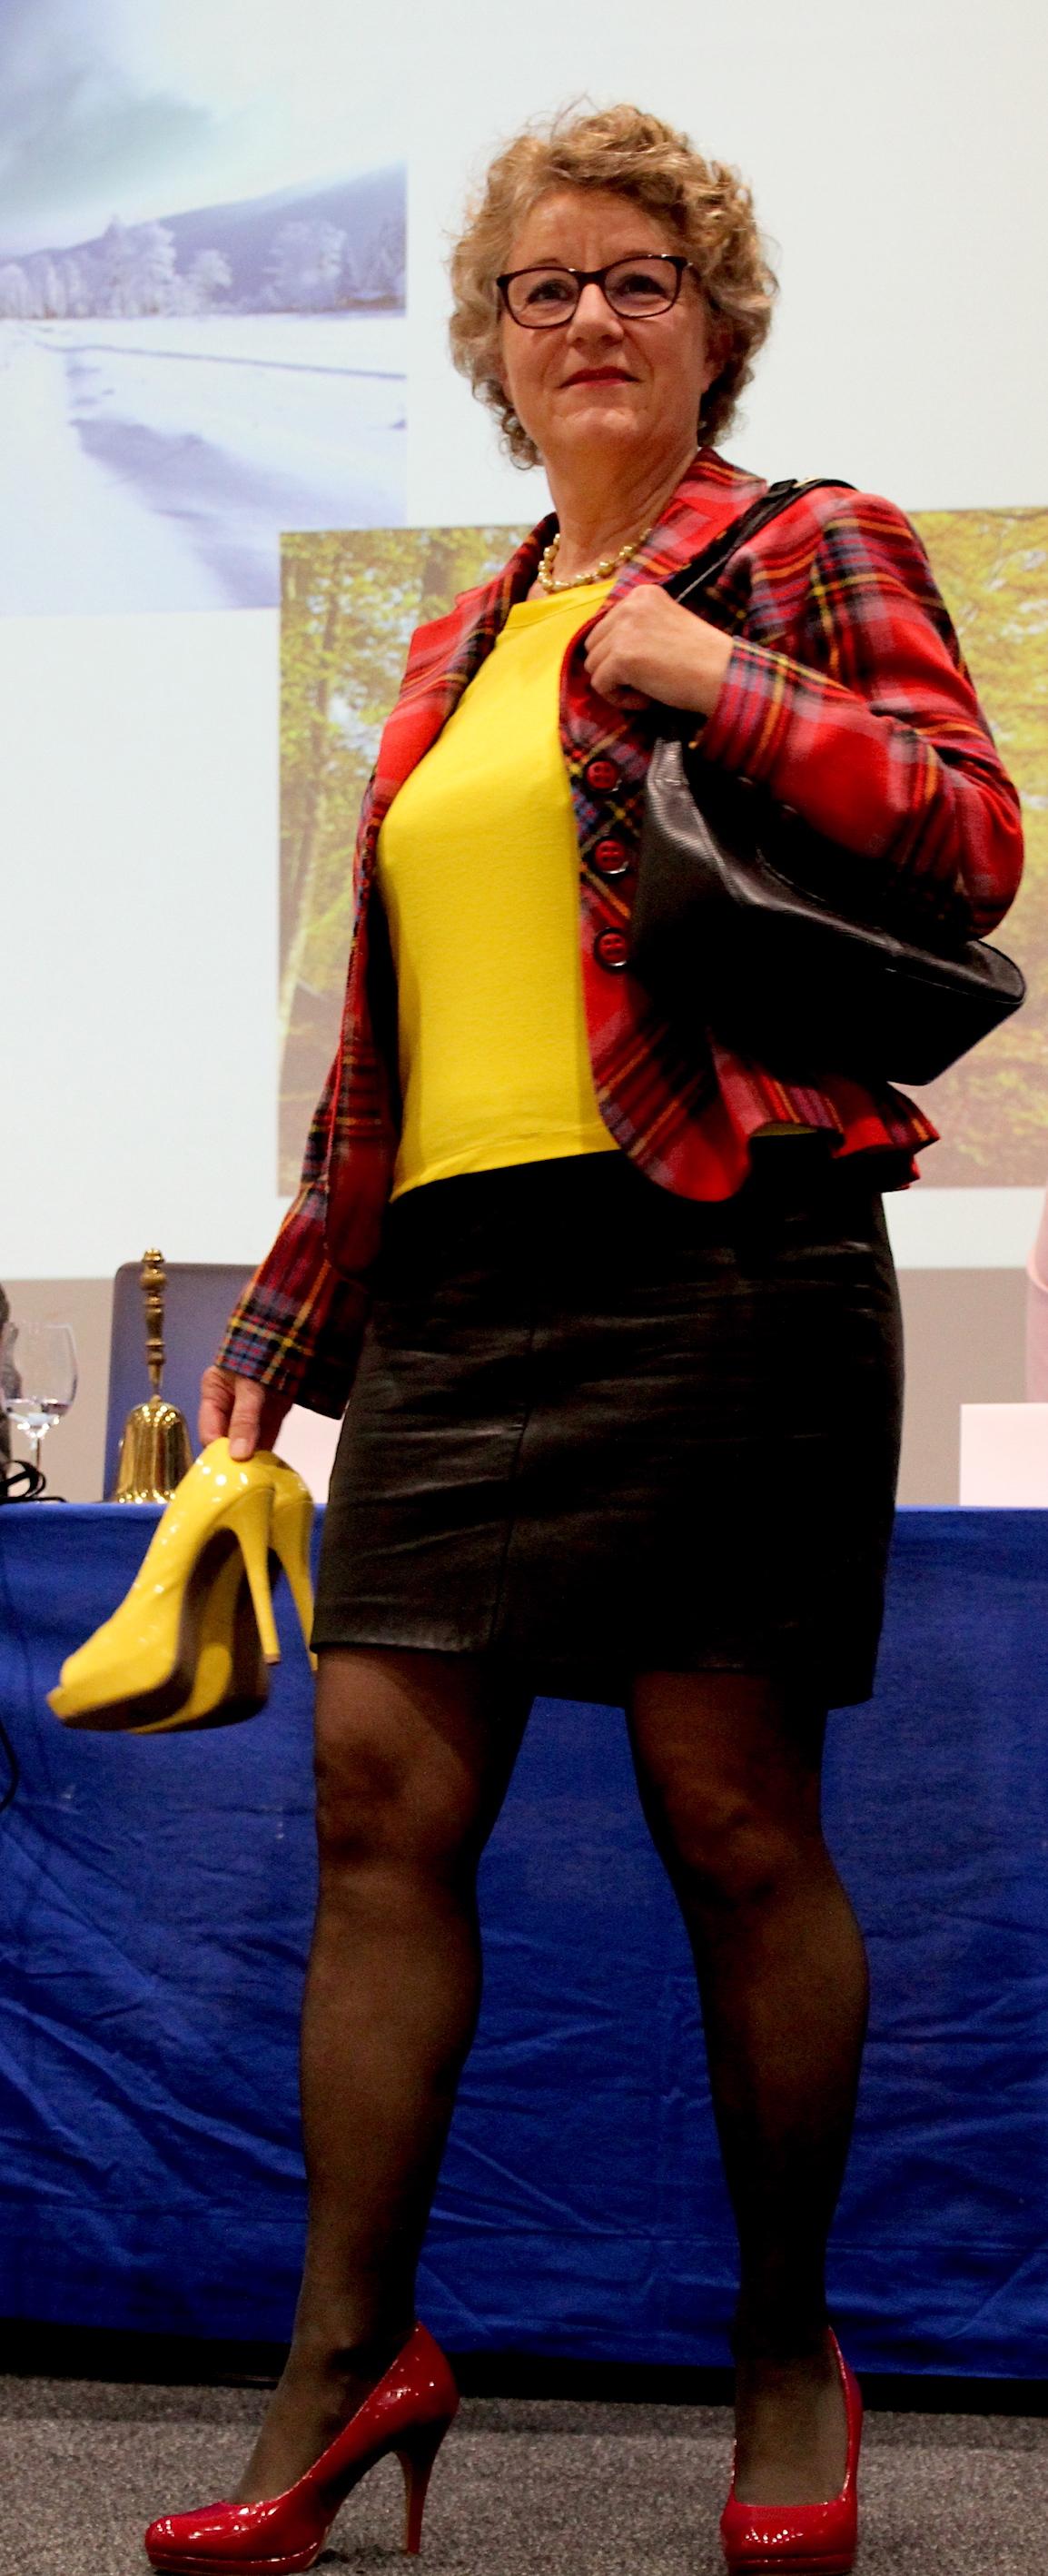 Elegant zum Schnäppchenpreis: Edith trägt eine Handtasche von Hugo Boss. Der Designer-Lederjupe kostete vor 15 Jahren fünf Franken und sitzt noch immer top.